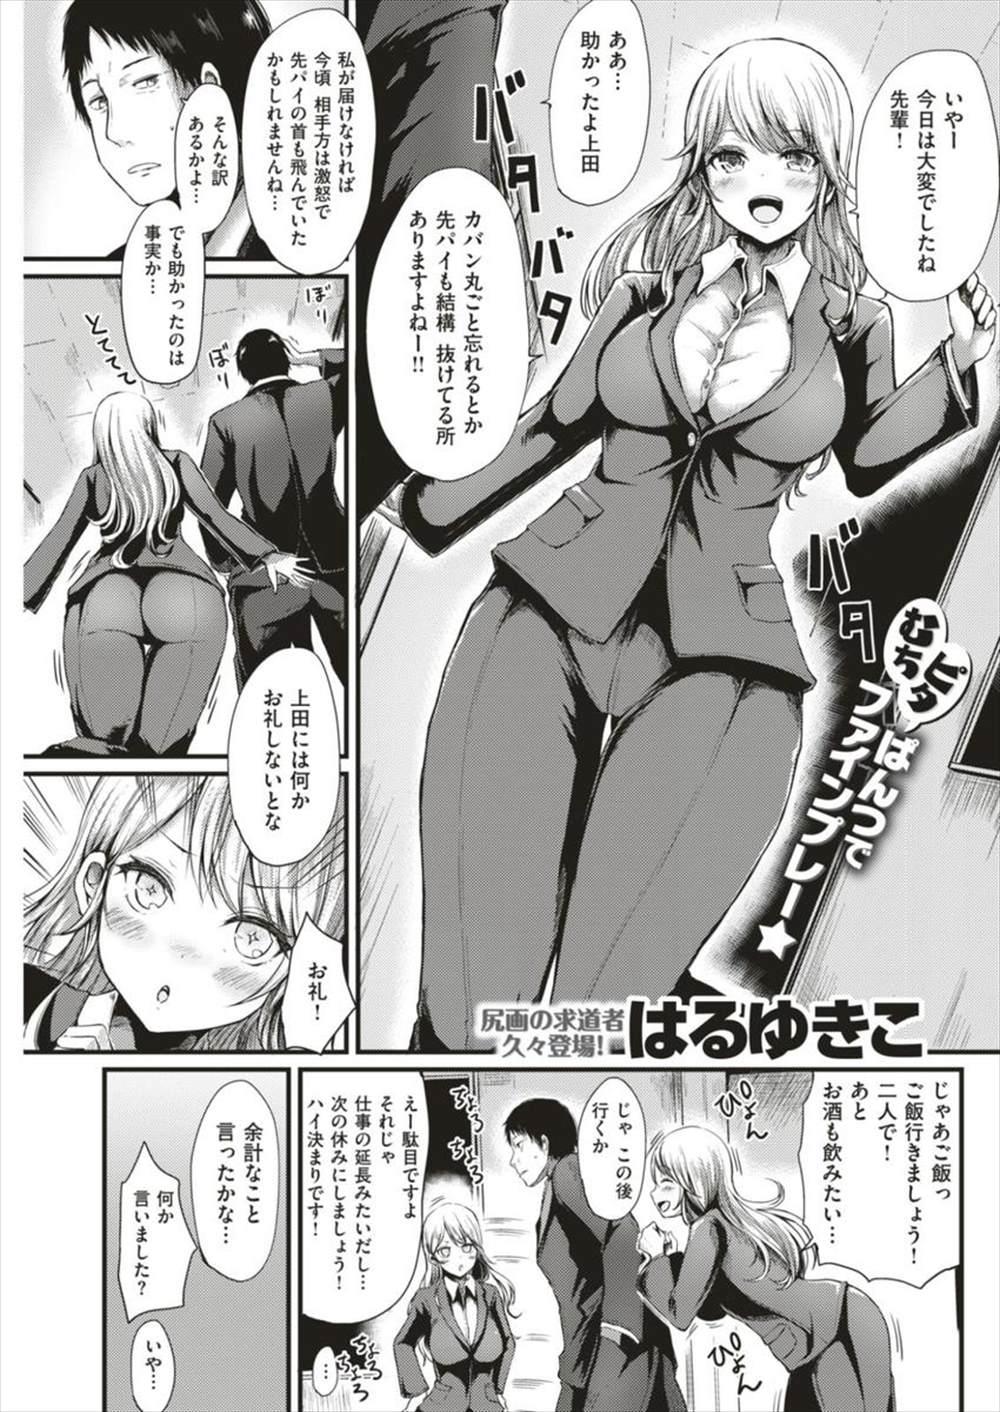 【エロ漫画】ビッチ後輩を家に送ったら下着姿になってムラムラ…彼女に誘惑されて生挿入中出しイチャラブセックス【はるゆきこ:送られオオカミ】